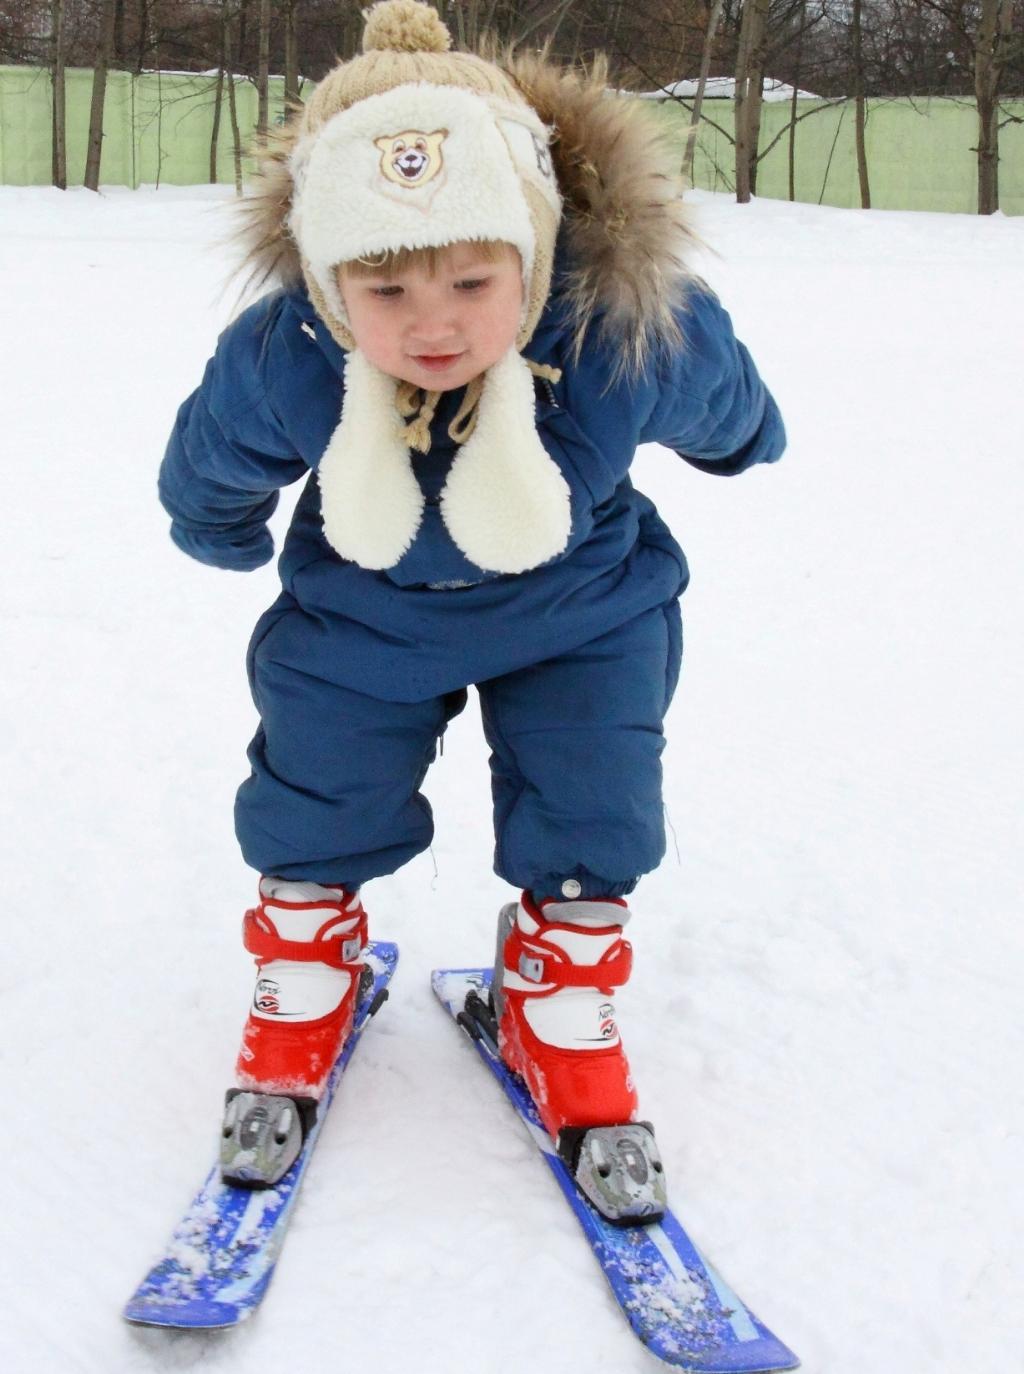 летаюший лыжник. Олимпийцами становятся с рождения